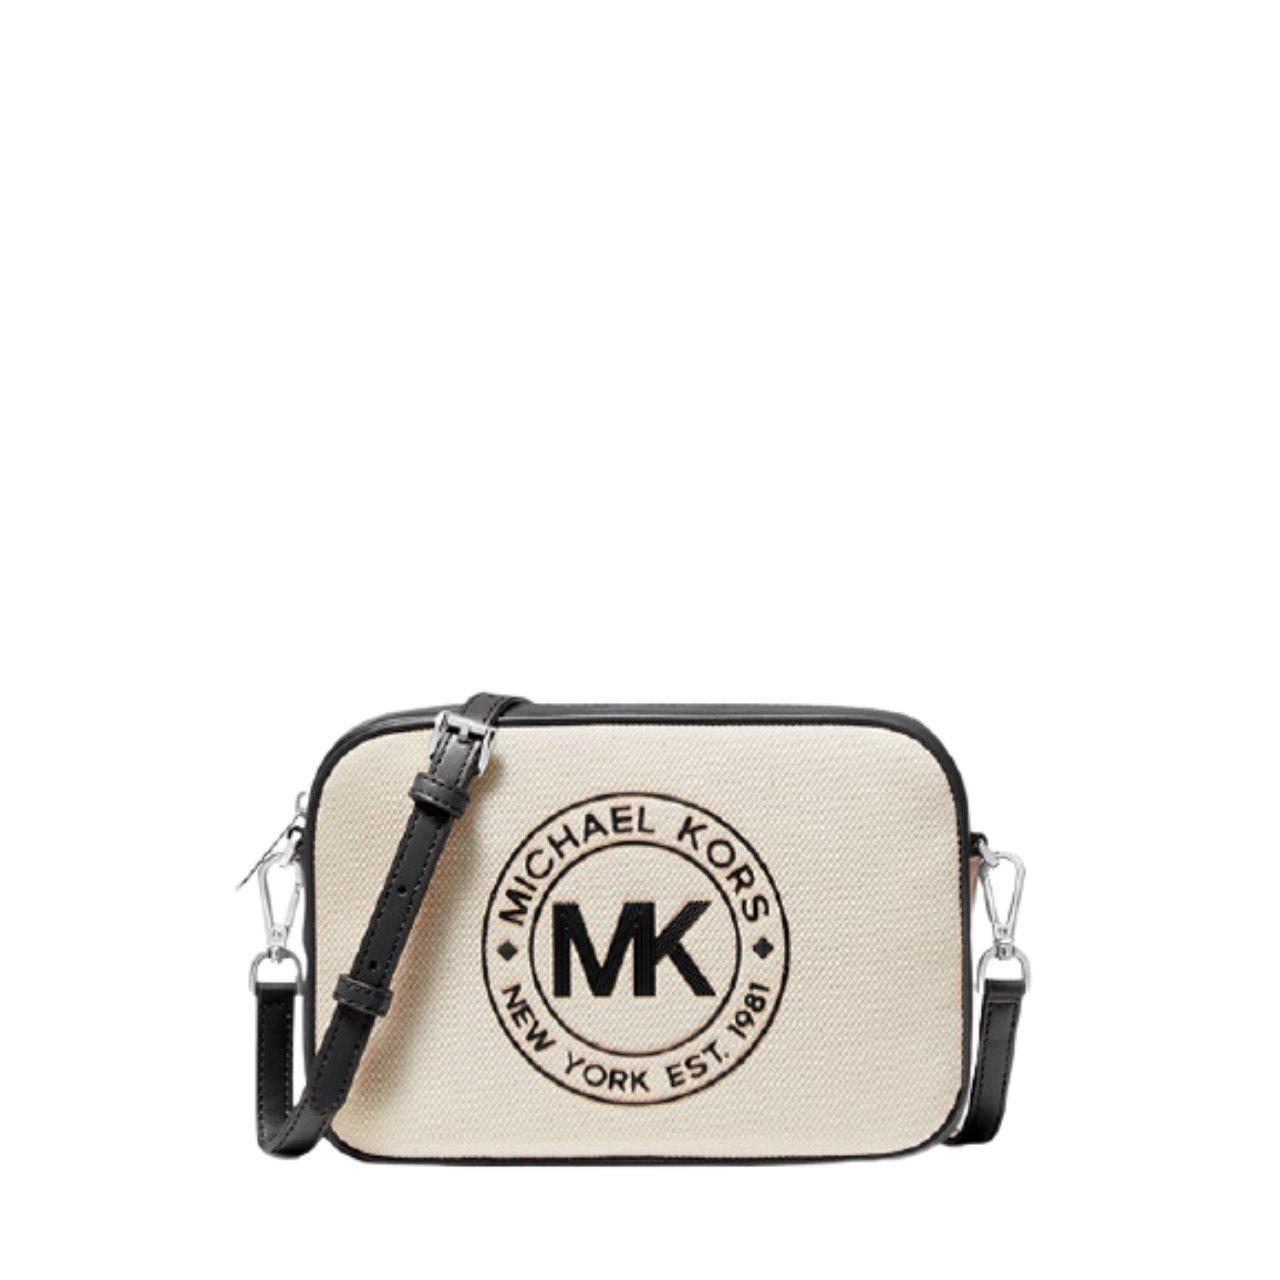 Michael Kors Women's Fulton Sport Large East West Crossbody Bag White MK27568